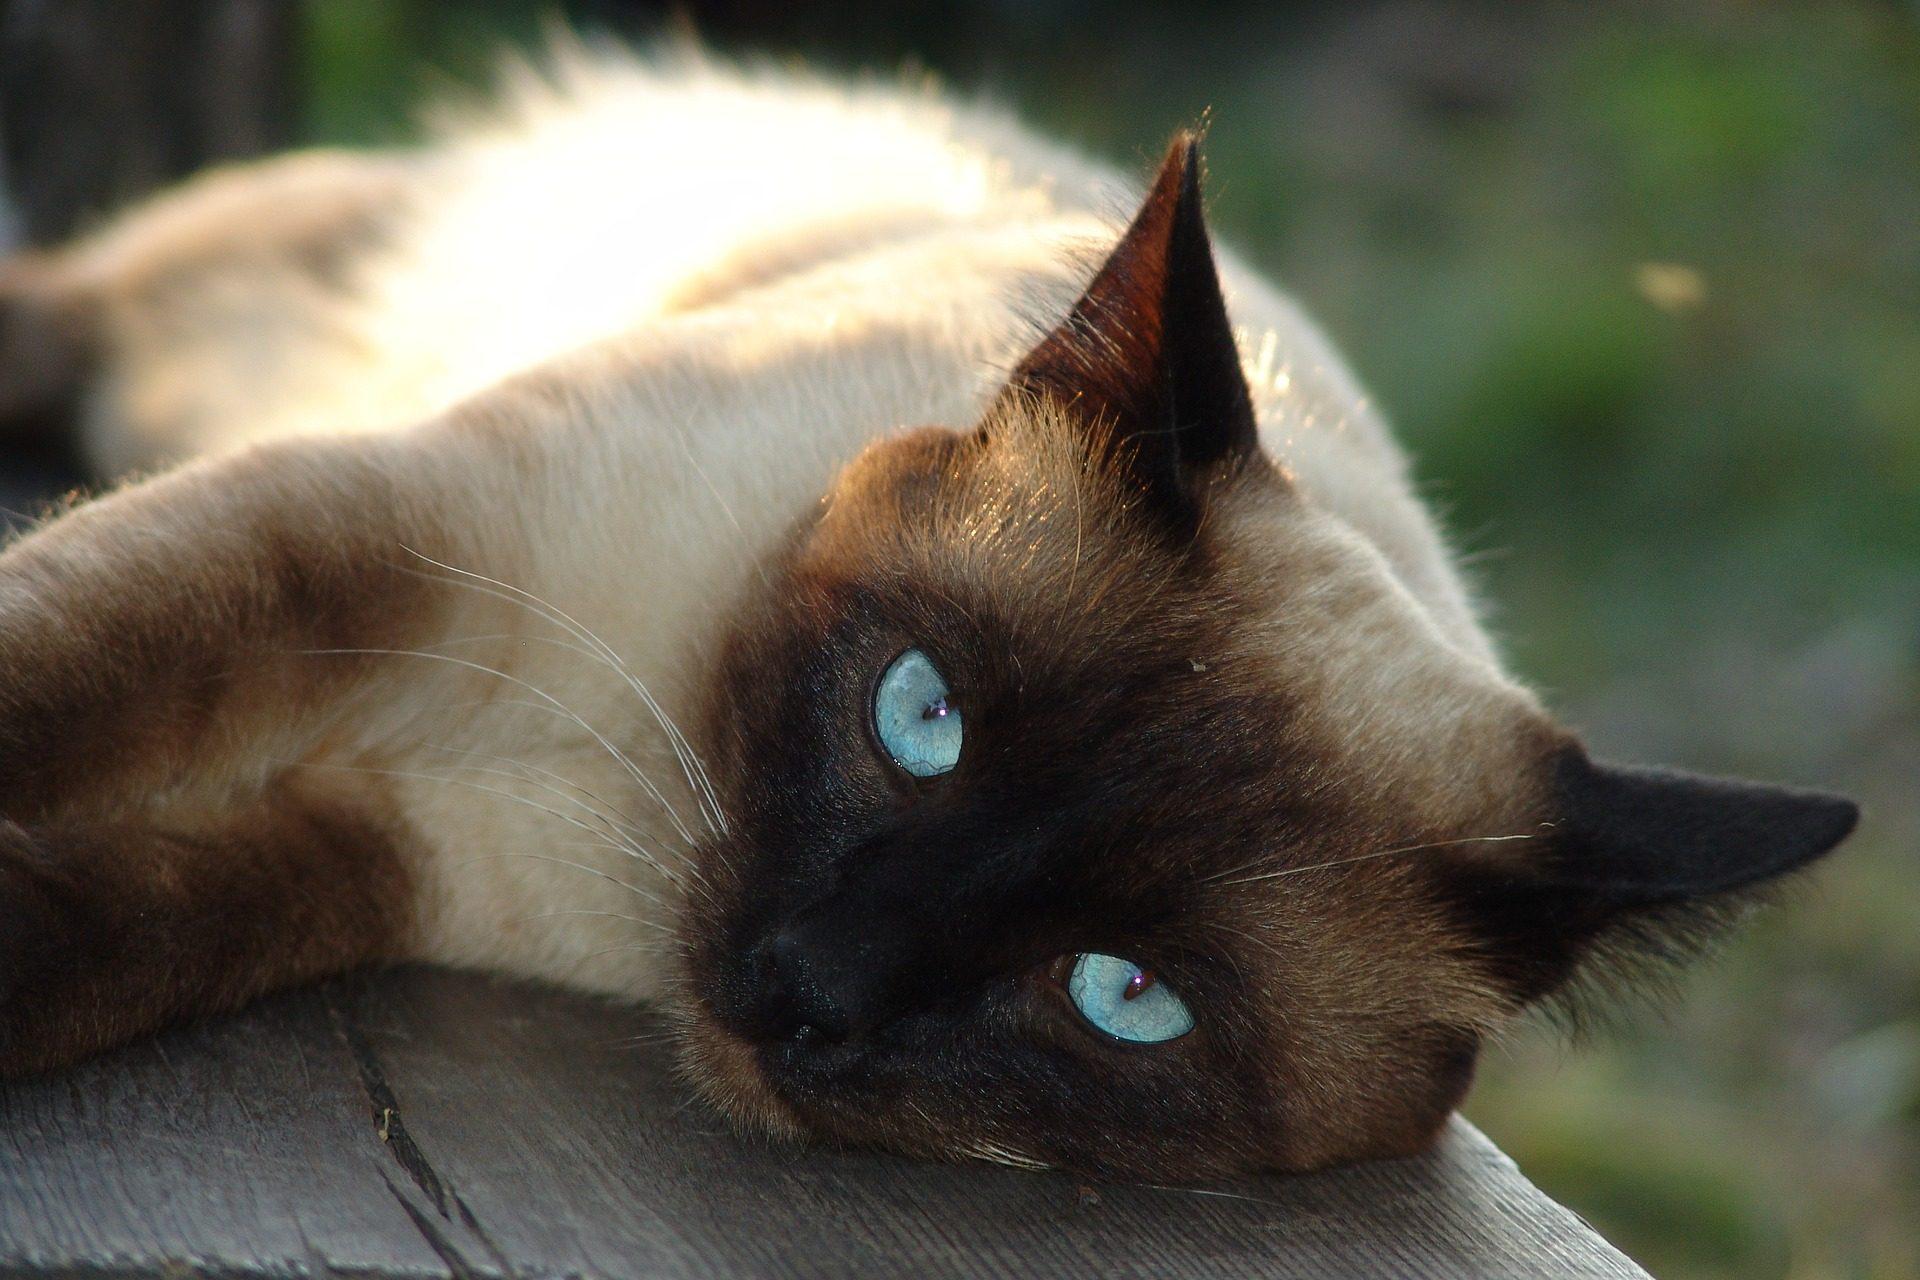 gatto, Siamese, felino, Animale domestico, rilassarsi - Sfondi HD - Professor-falken.com